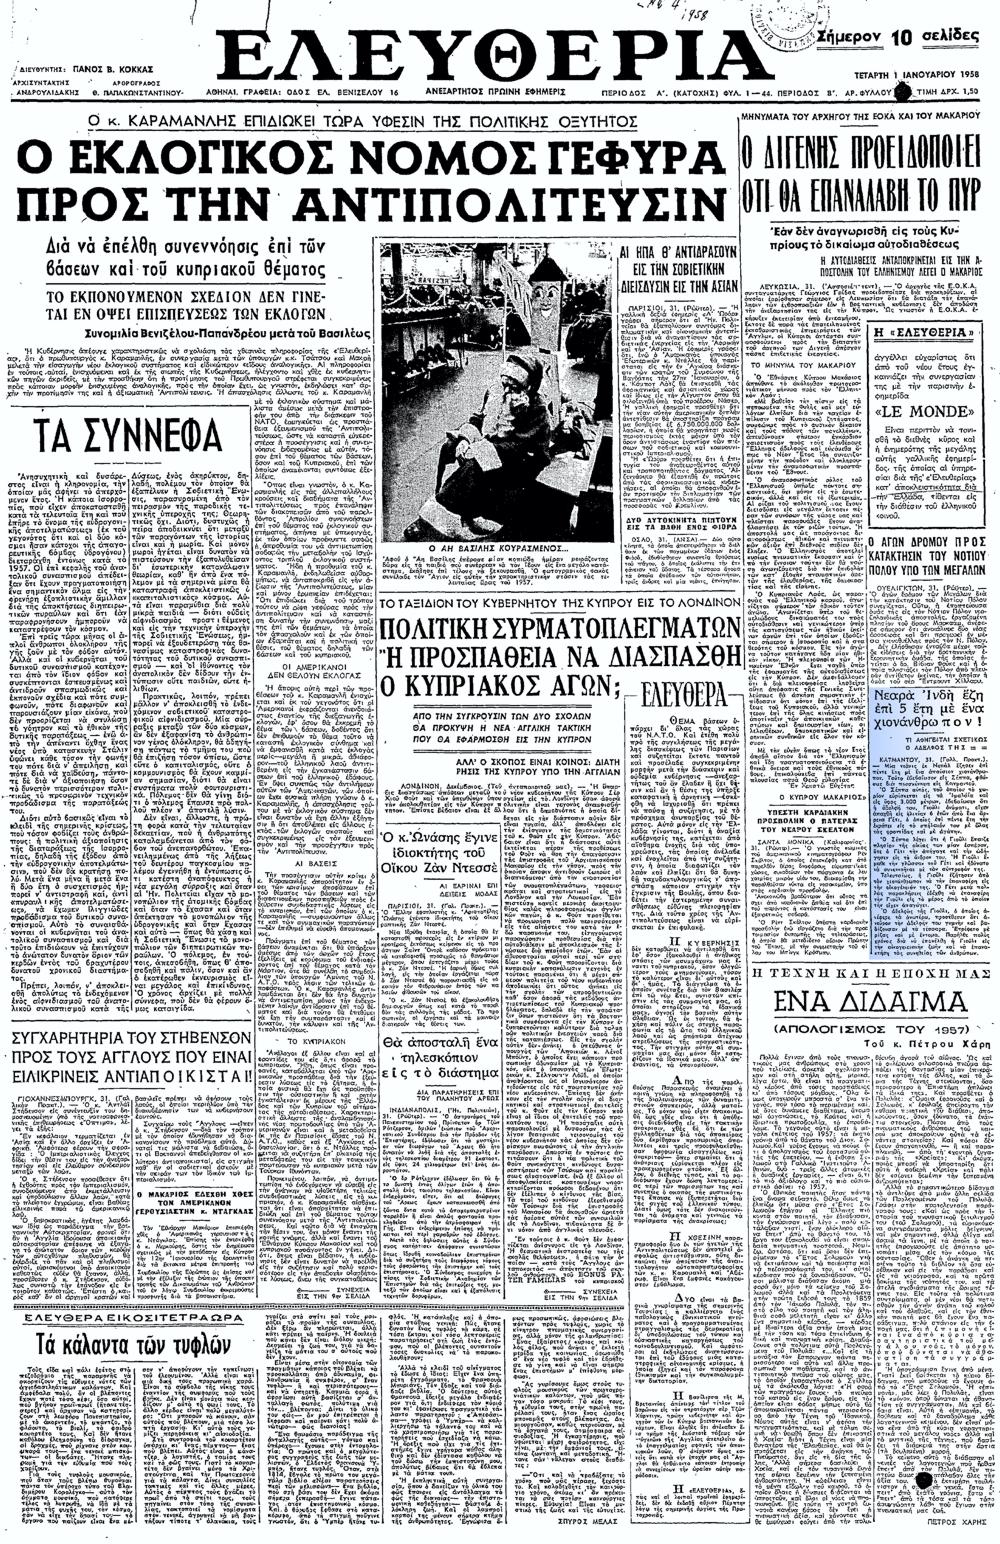 """Το άρθρο, όπως δημοσιεύθηκε στην εφημερίδα """"ΕΛΕΥΘΕΡΙΑ"""", την 01/01/1958"""